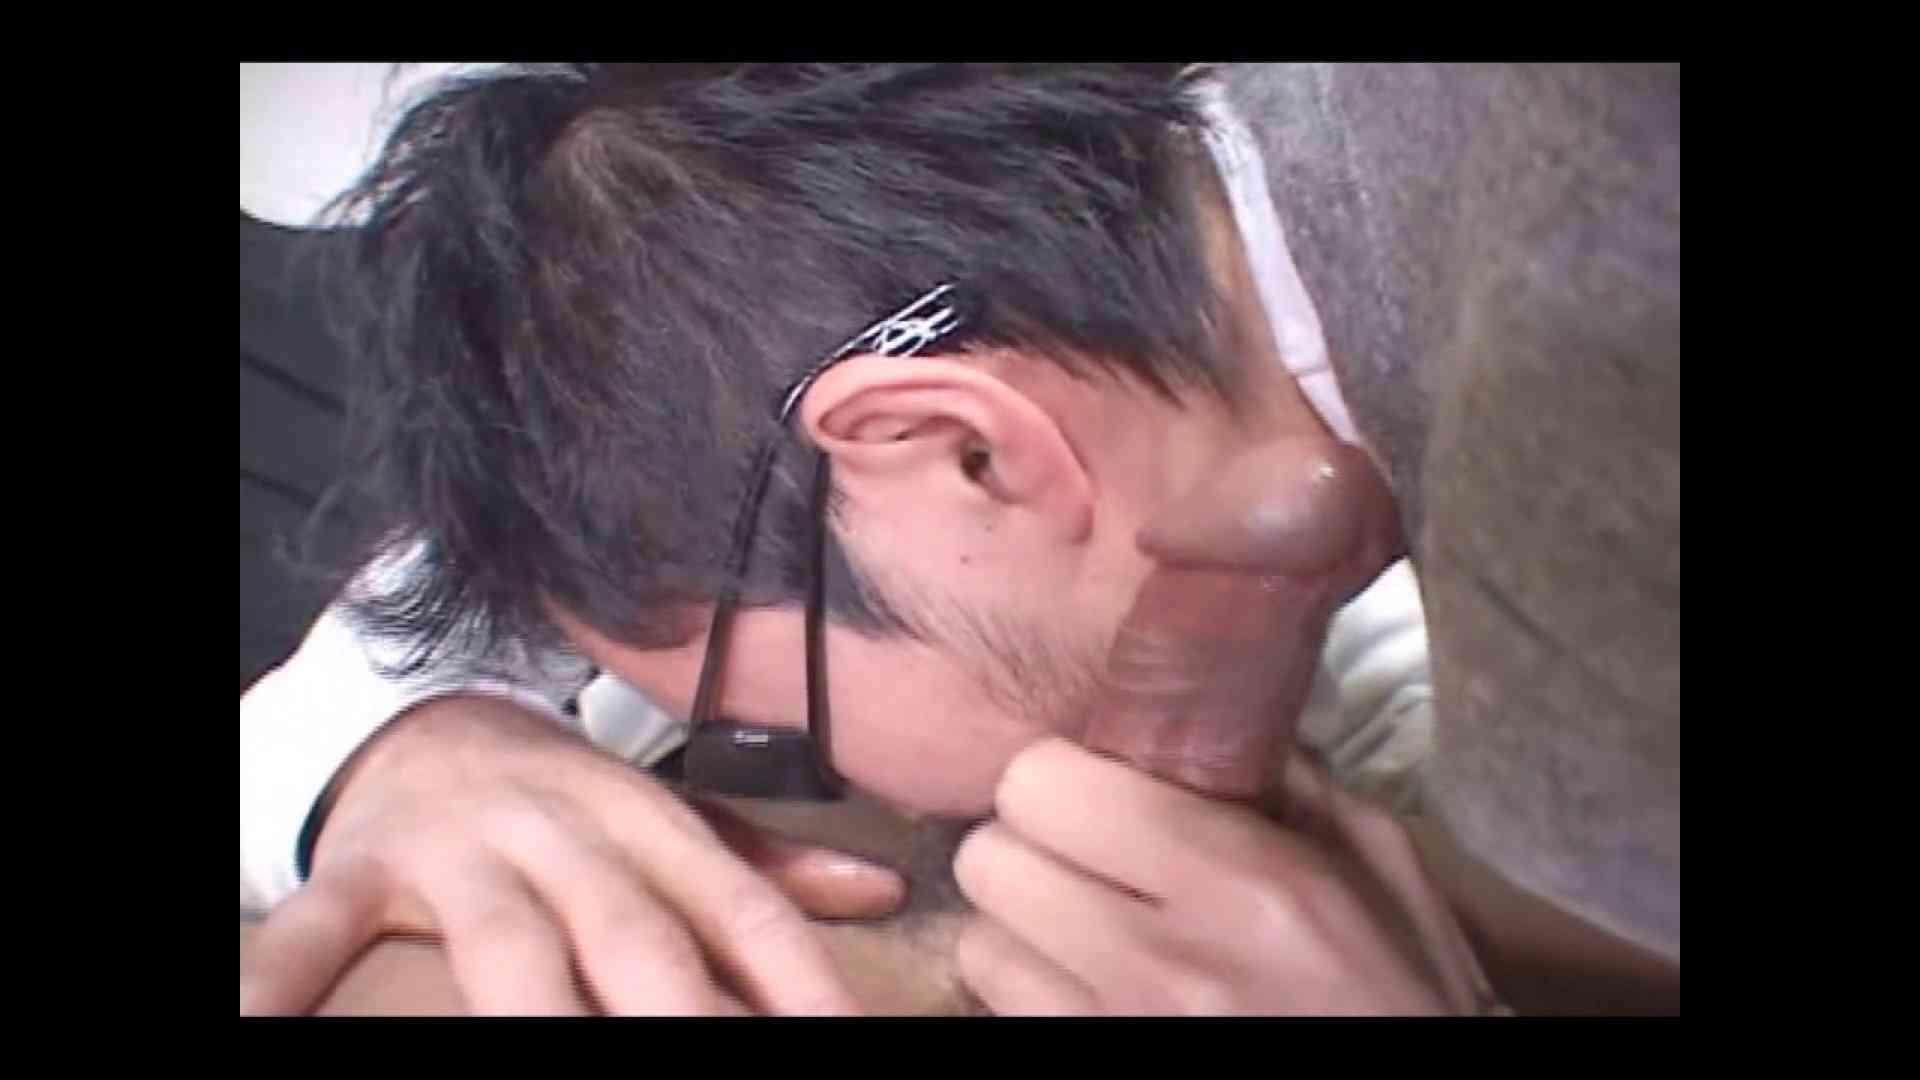 突然ですがしゃぶらせてください Vol.12 フェラ ゲイ素人エロ画像 91枚 82